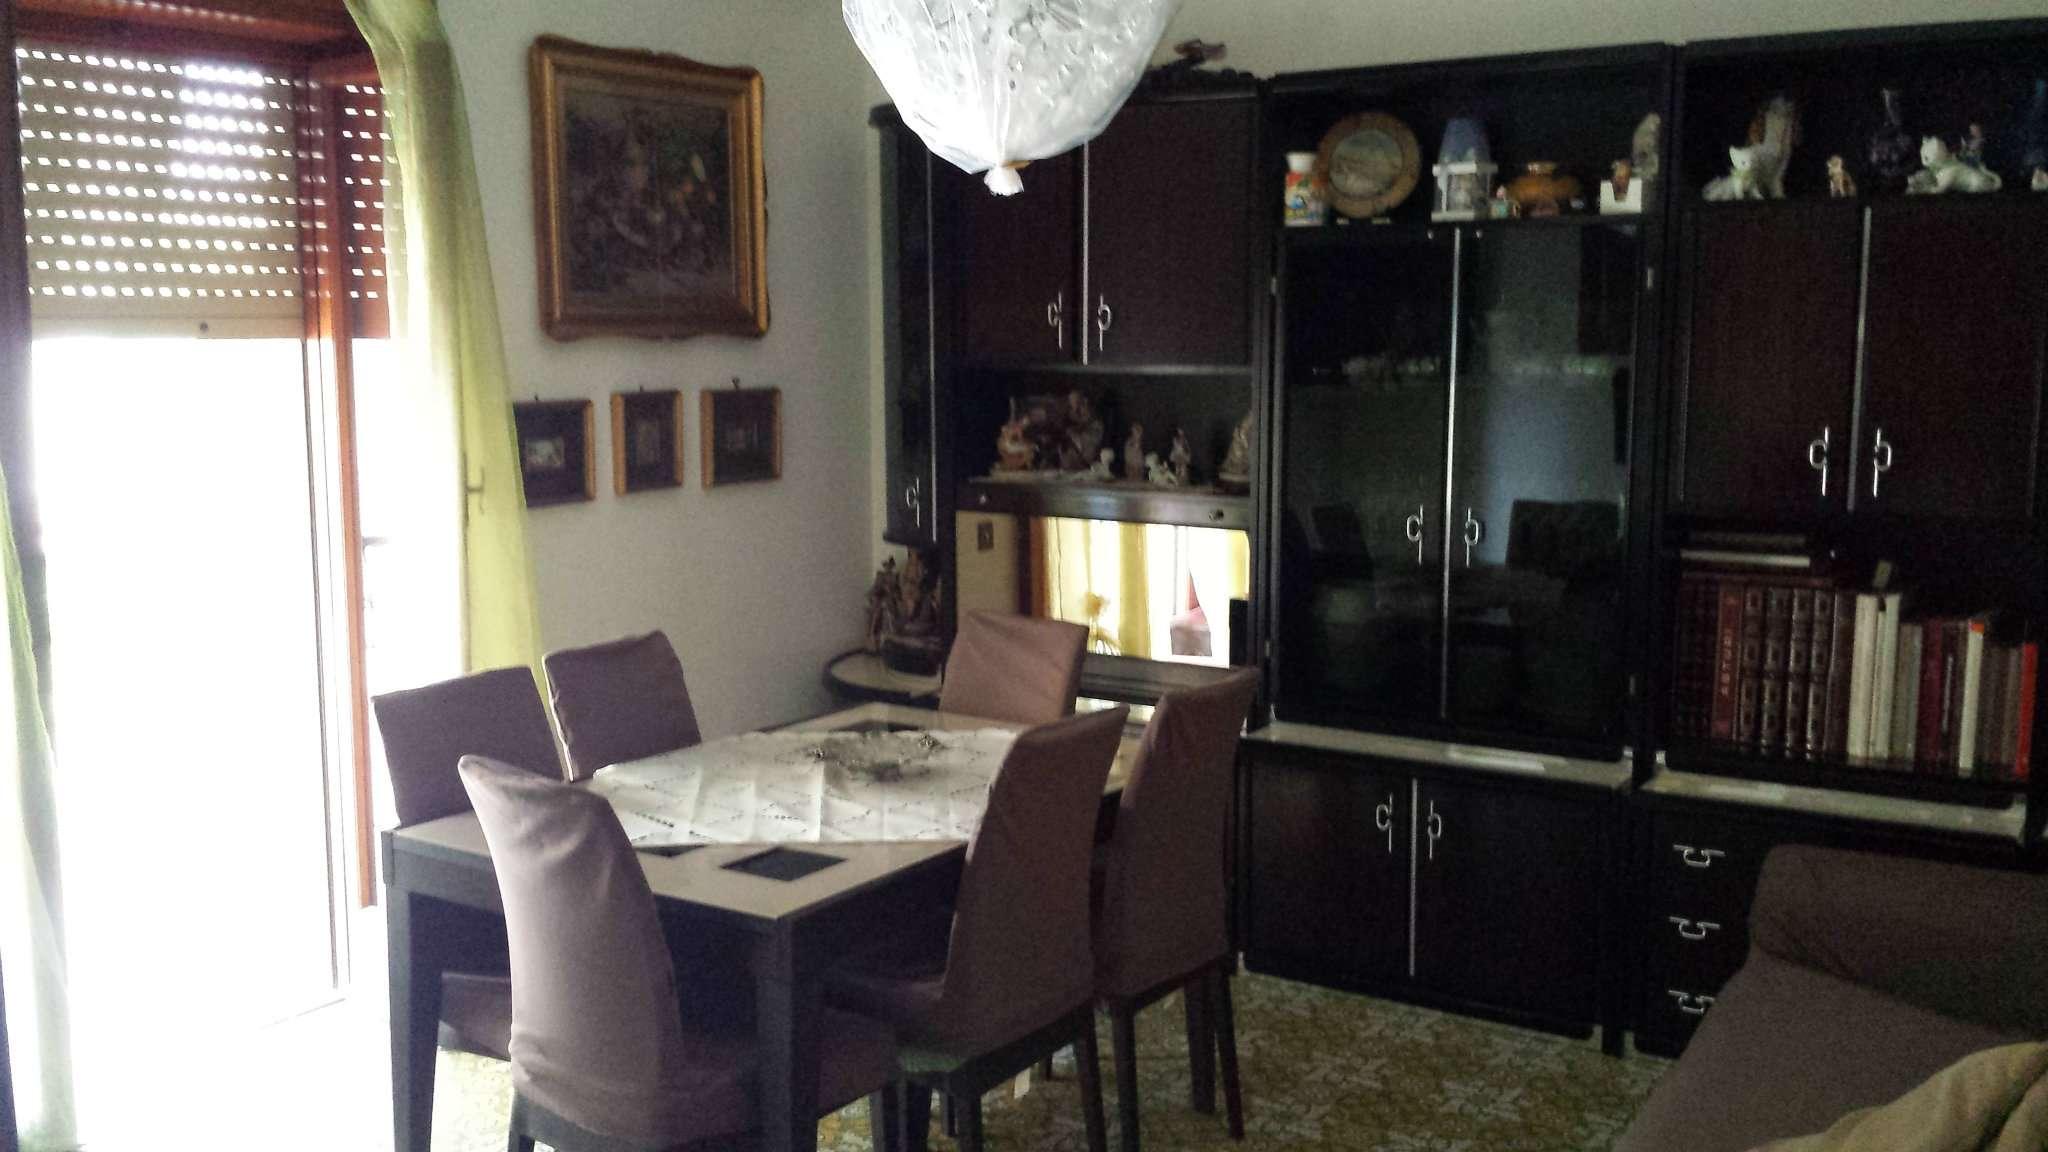 Appartamento in vendita a Napoli, 3 locali, zona Zona: 5 . Vomero, Arenella, prezzo € 290.000 | CambioCasa.it